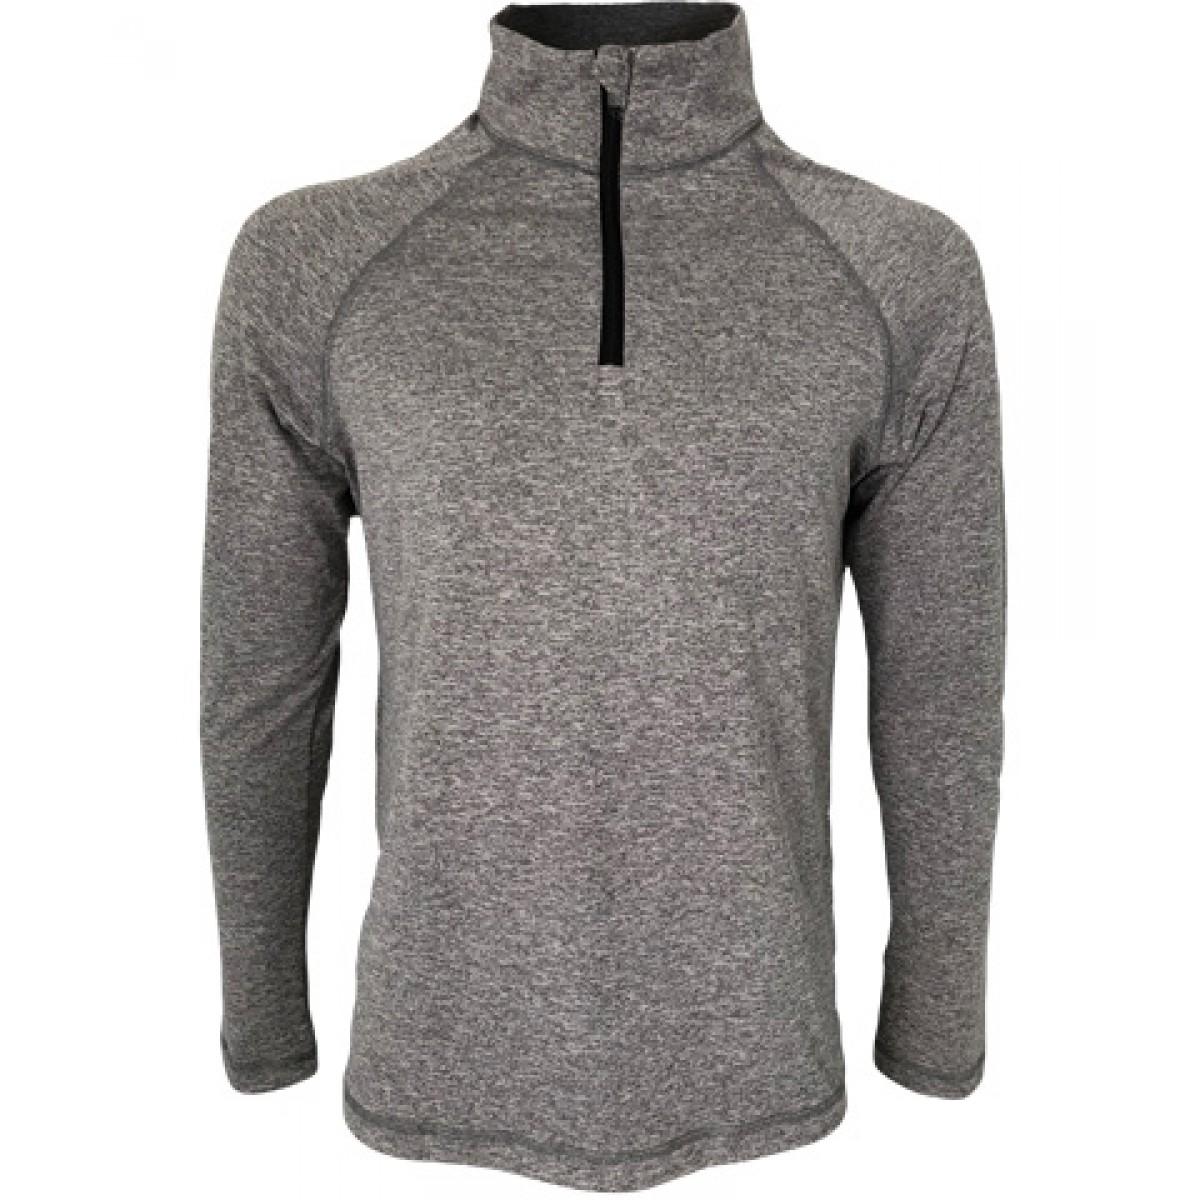 Men's Quarter-Zip Lightweight Pullover-Gray -XL